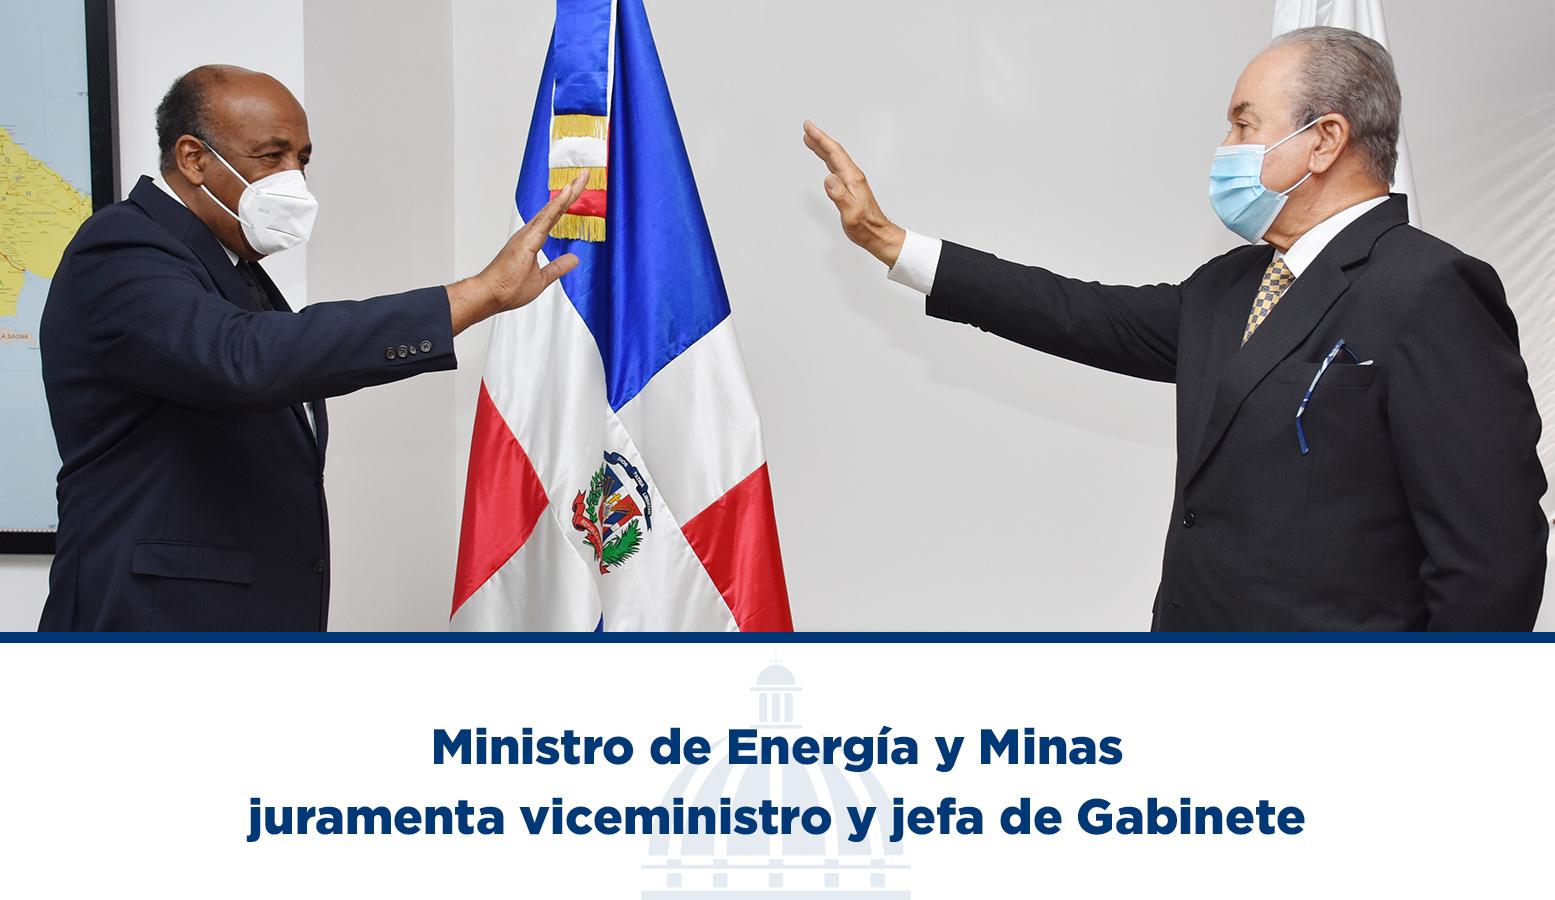 Ministro de Energía y Minas juramenta viceministro y jefa de Gabinete